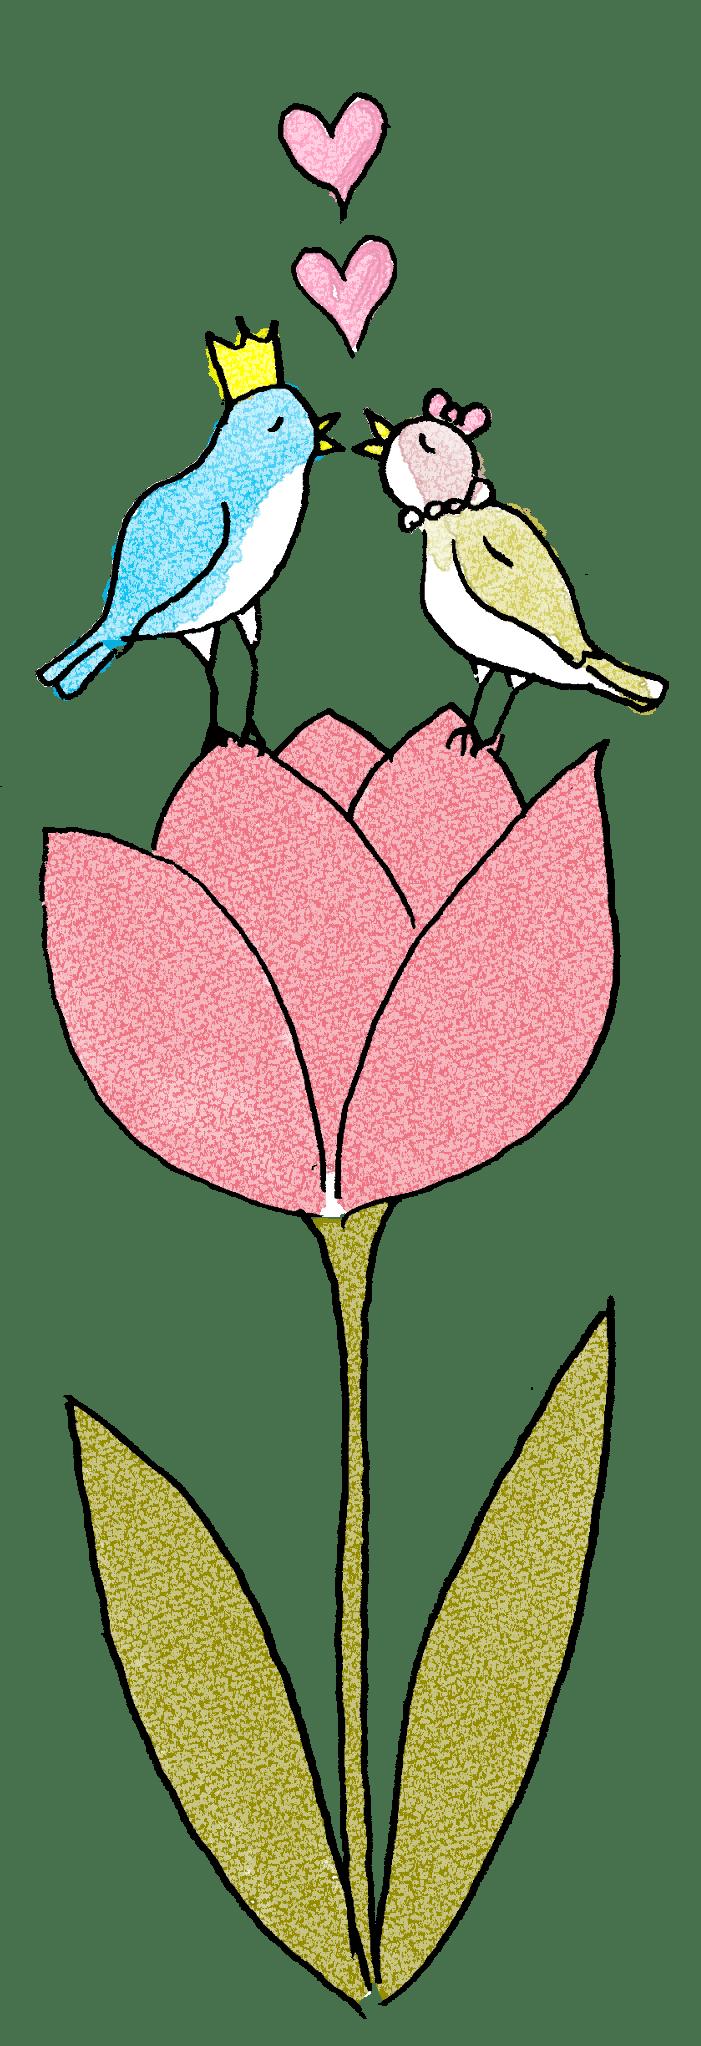 彼氏彼女・カップルのフォトブックスタンプ素材:キス・小鳥・ハート・ちゅうりっぷ・花・ラブラブ・王子と姫